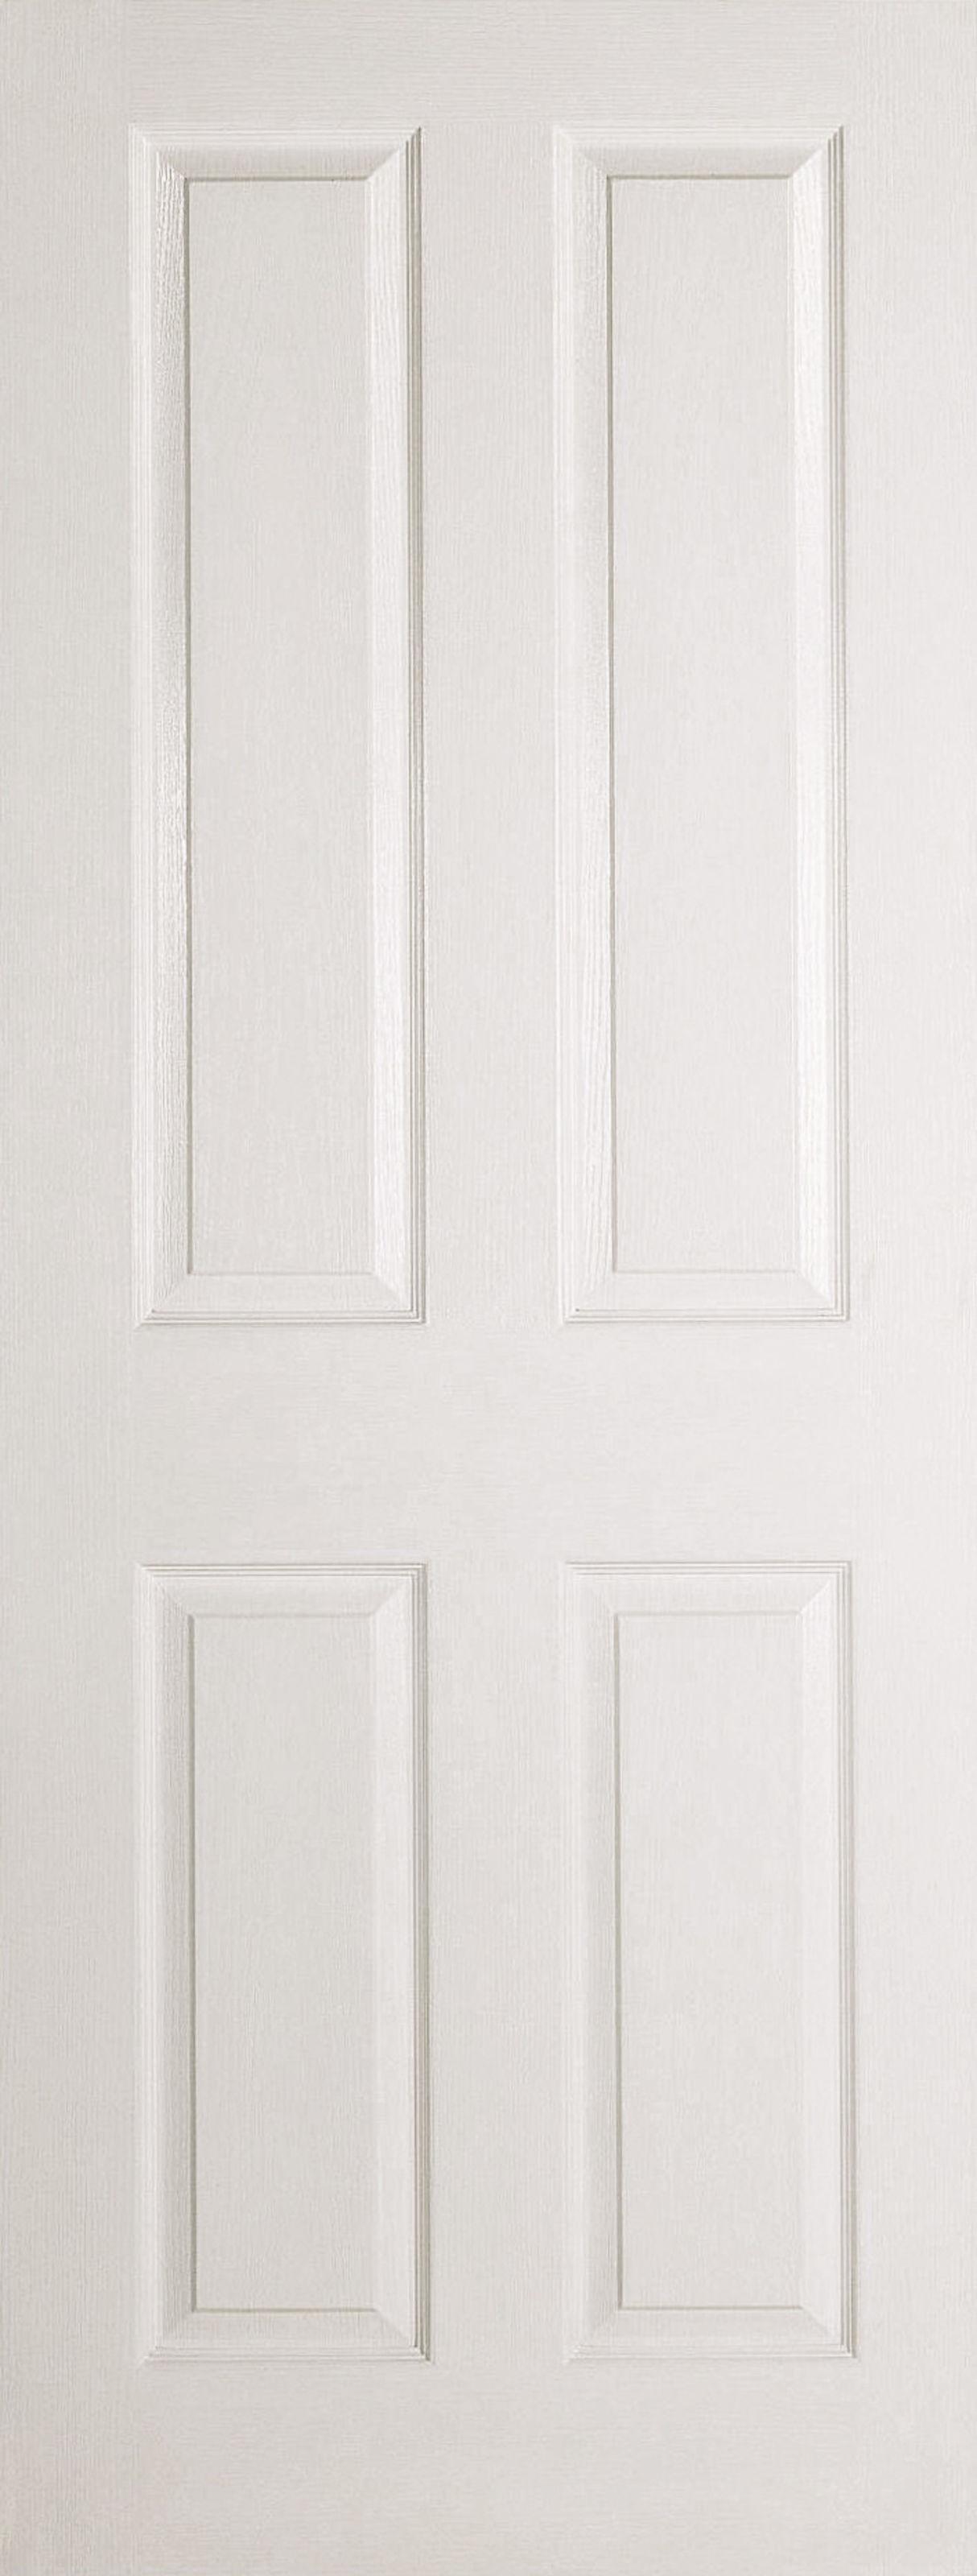 4 panel white interior doors. Textured 4P Door: 4-Panel Square Top White Woodgrain 35mm Internal Door - LPD Essentials Doors 4 Panel Interior